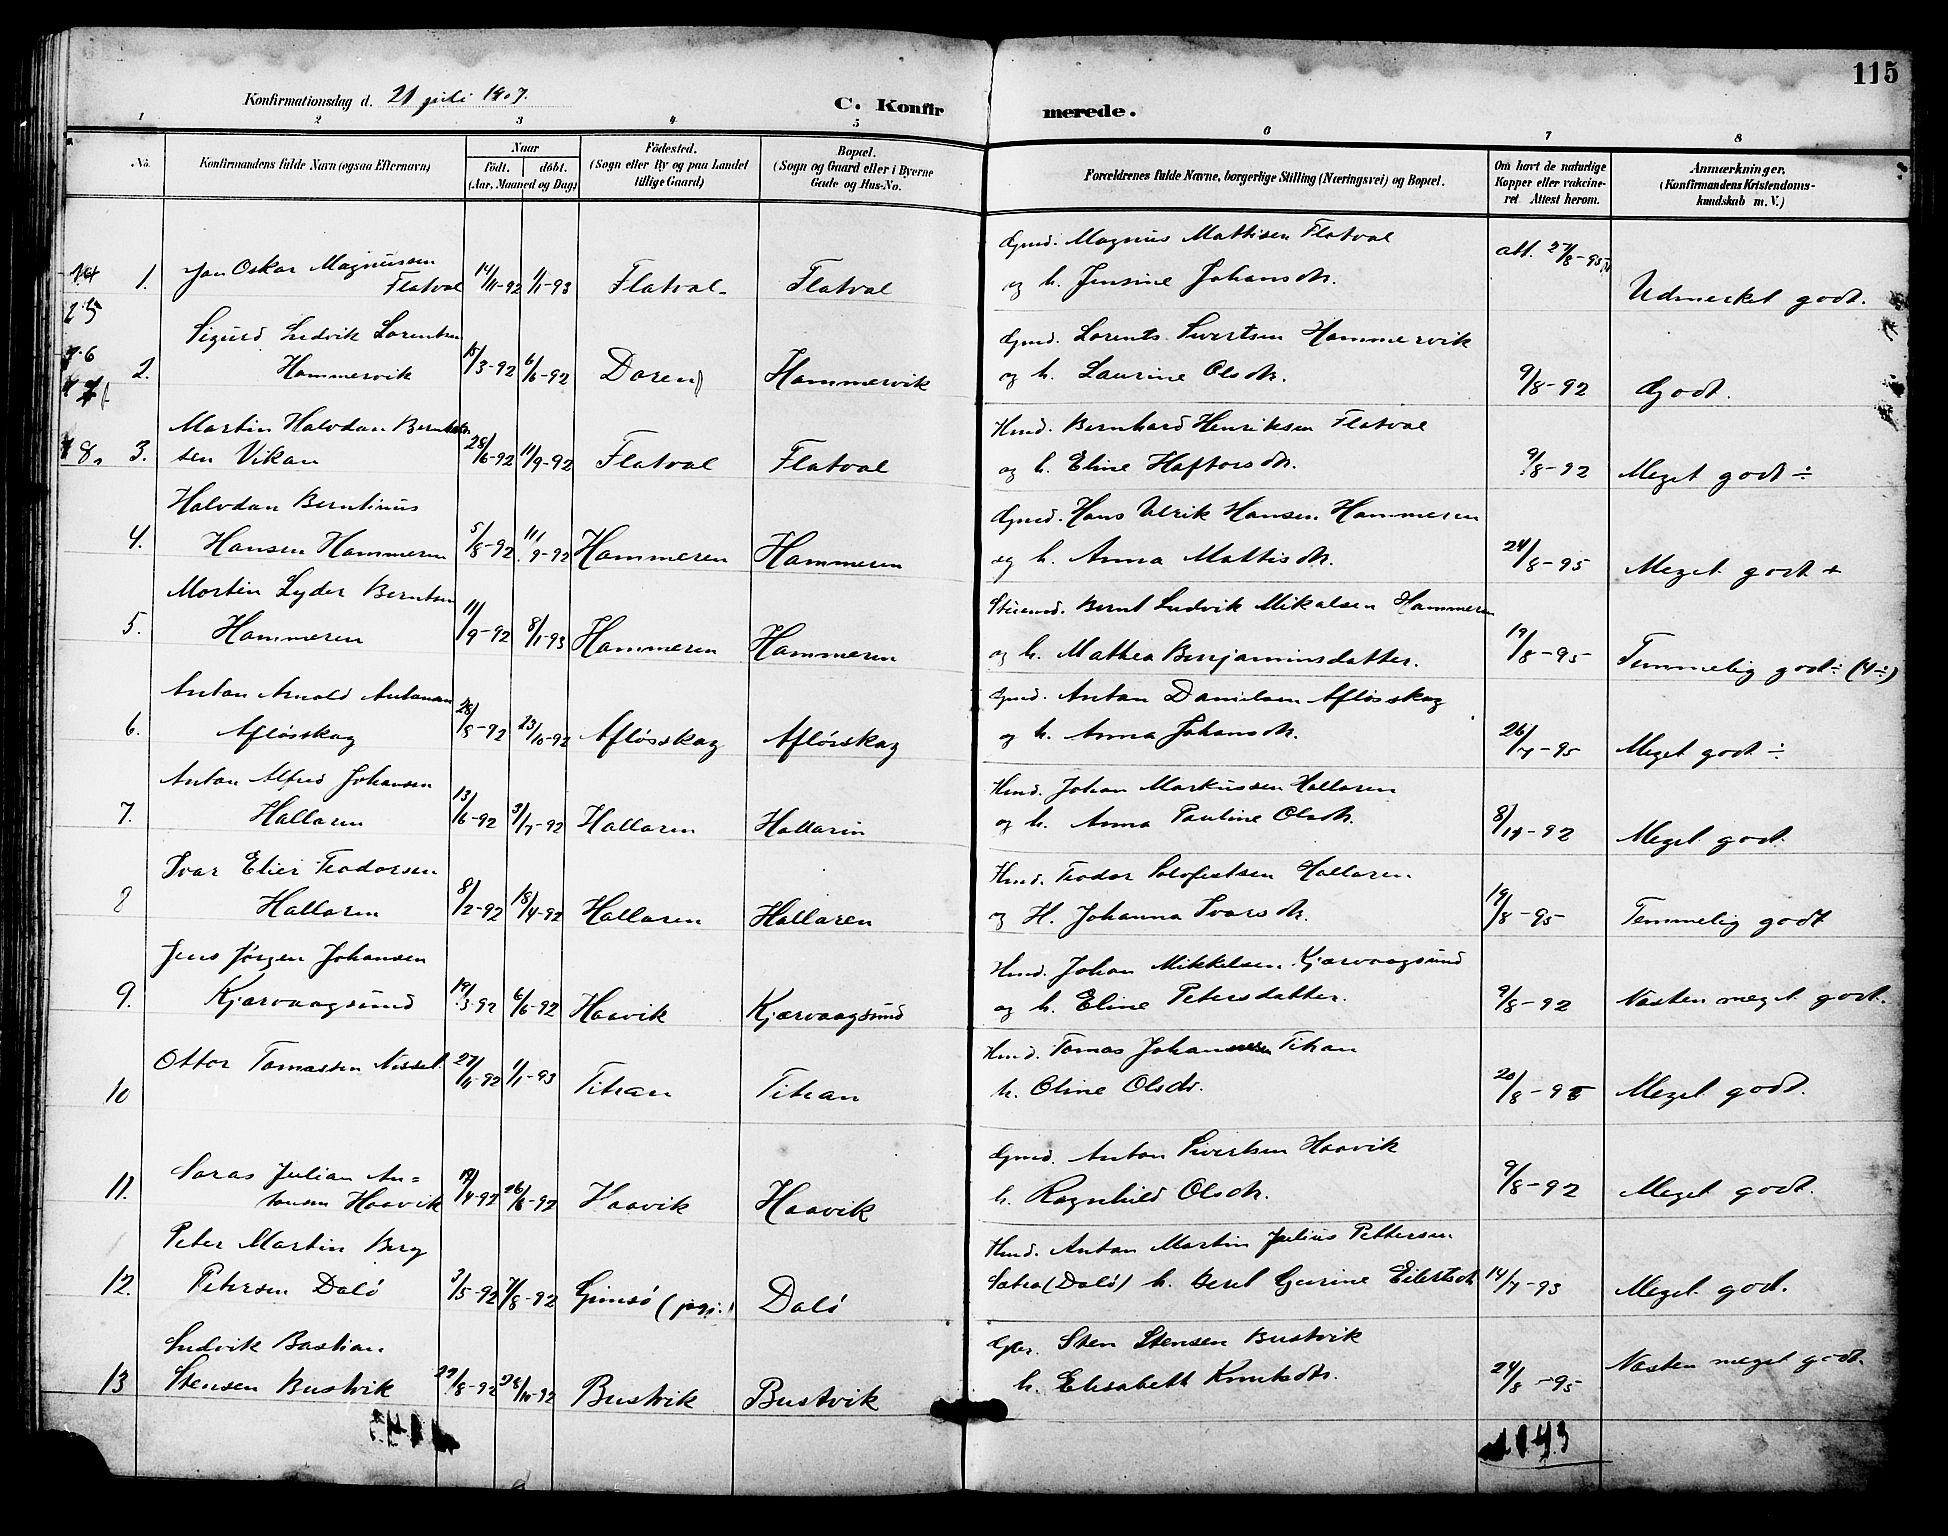 SAT, Ministerialprotokoller, klokkerbøker og fødselsregistre - Sør-Trøndelag, 641/L0598: Klokkerbok nr. 641C02, 1893-1910, s. 115